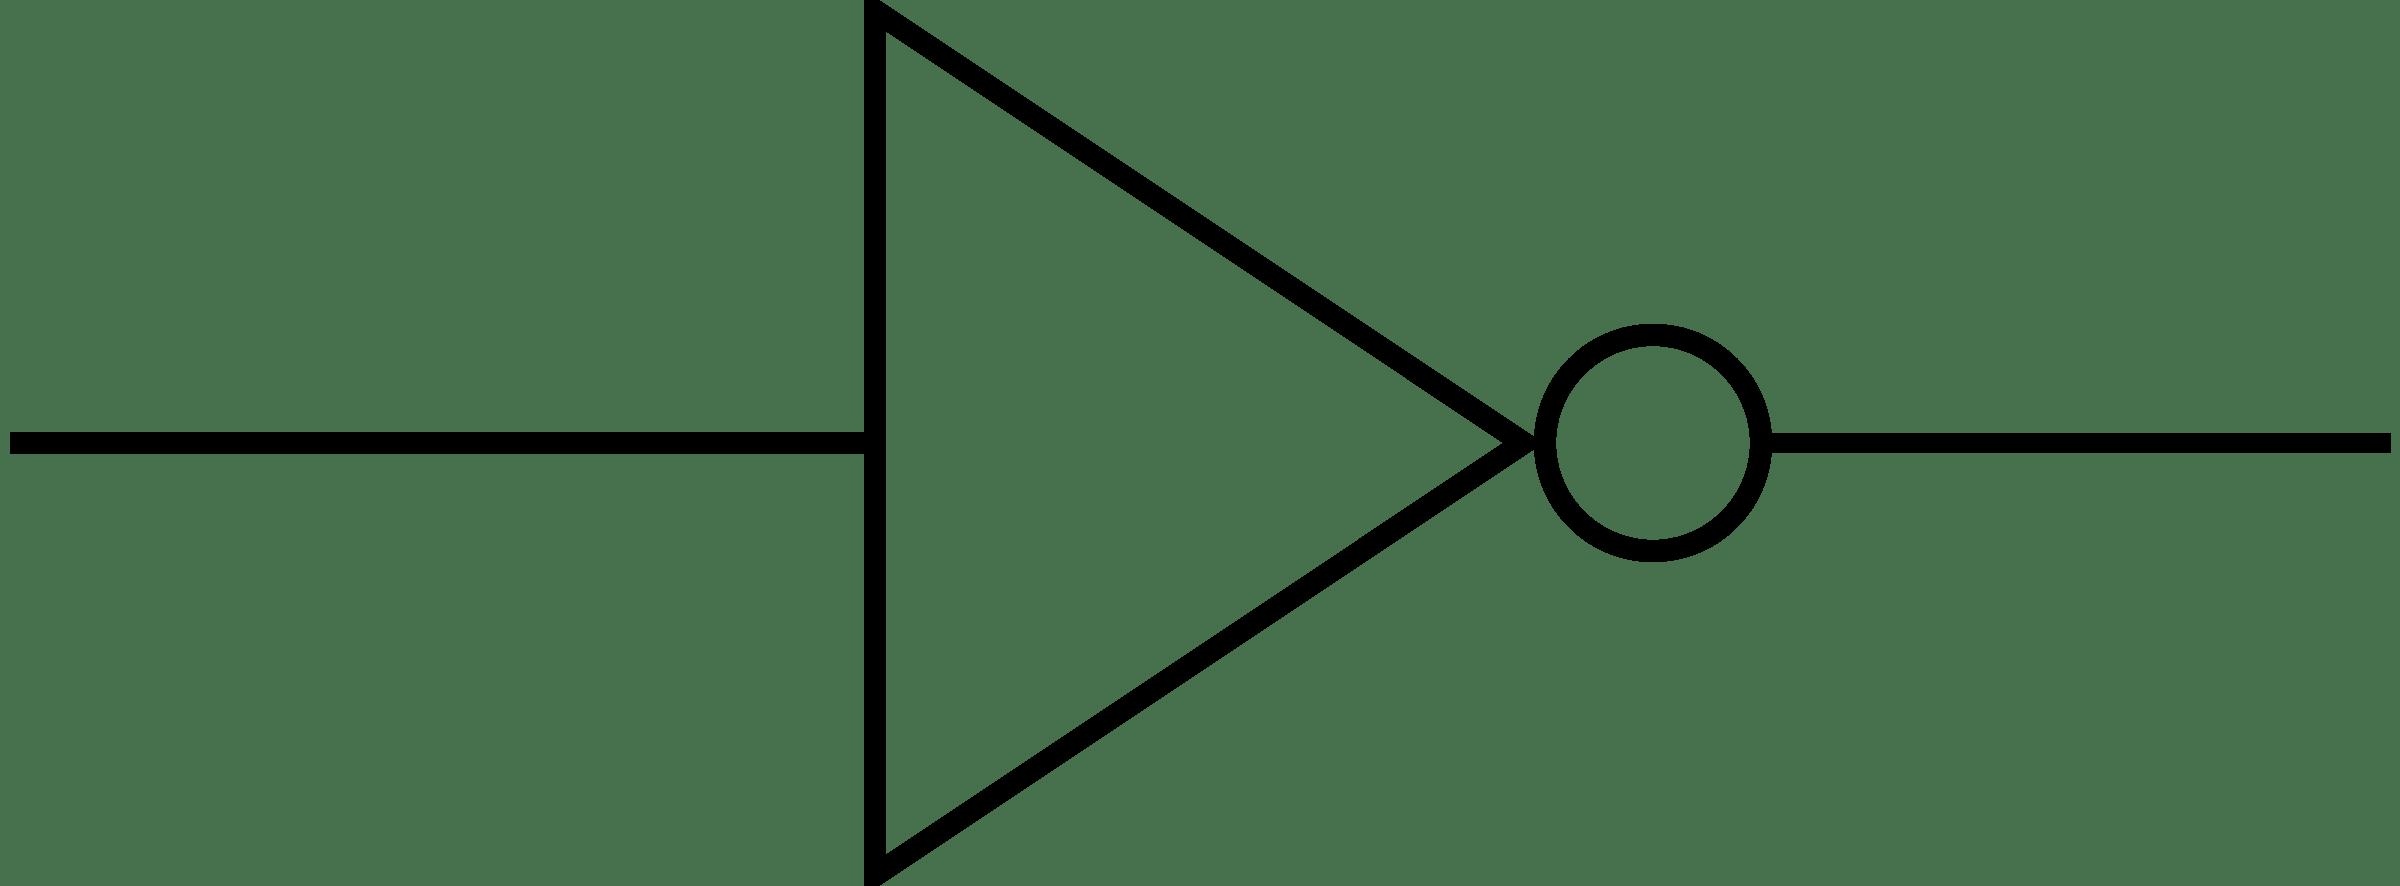 Inverter Clipart